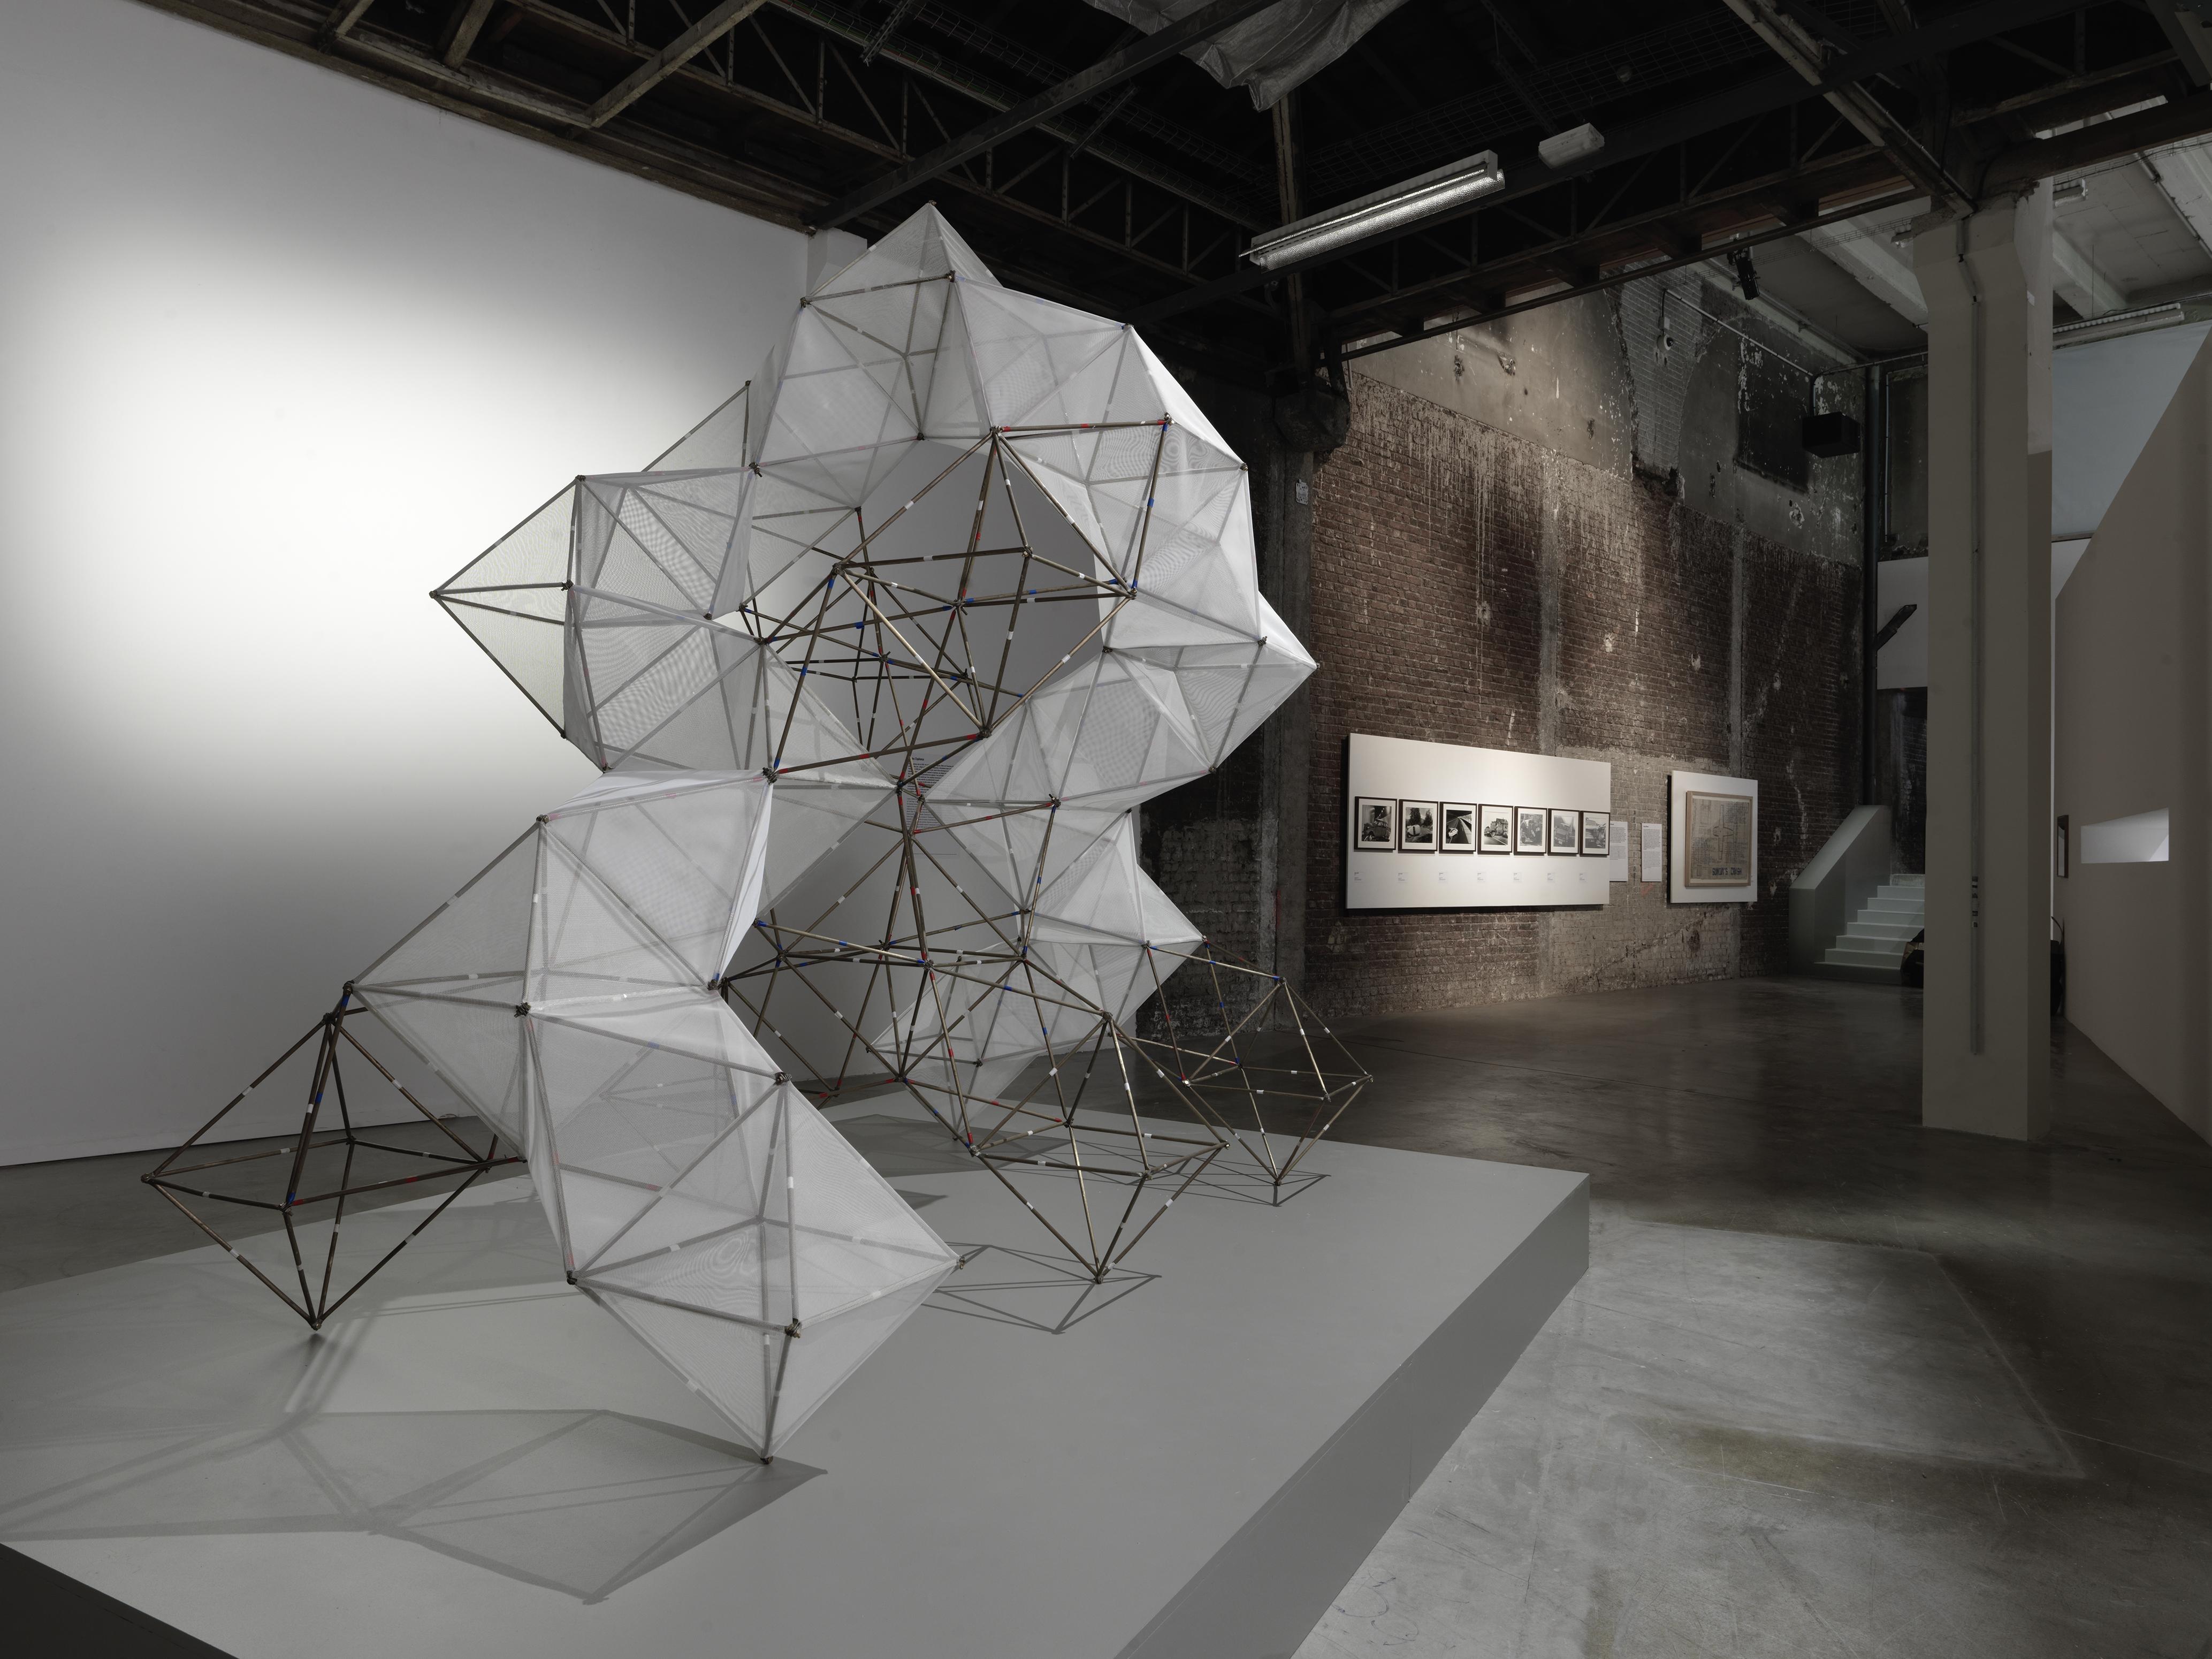 Theo Jansen, Animaris Umerus, 2010, dzięki uprzejmości artysty